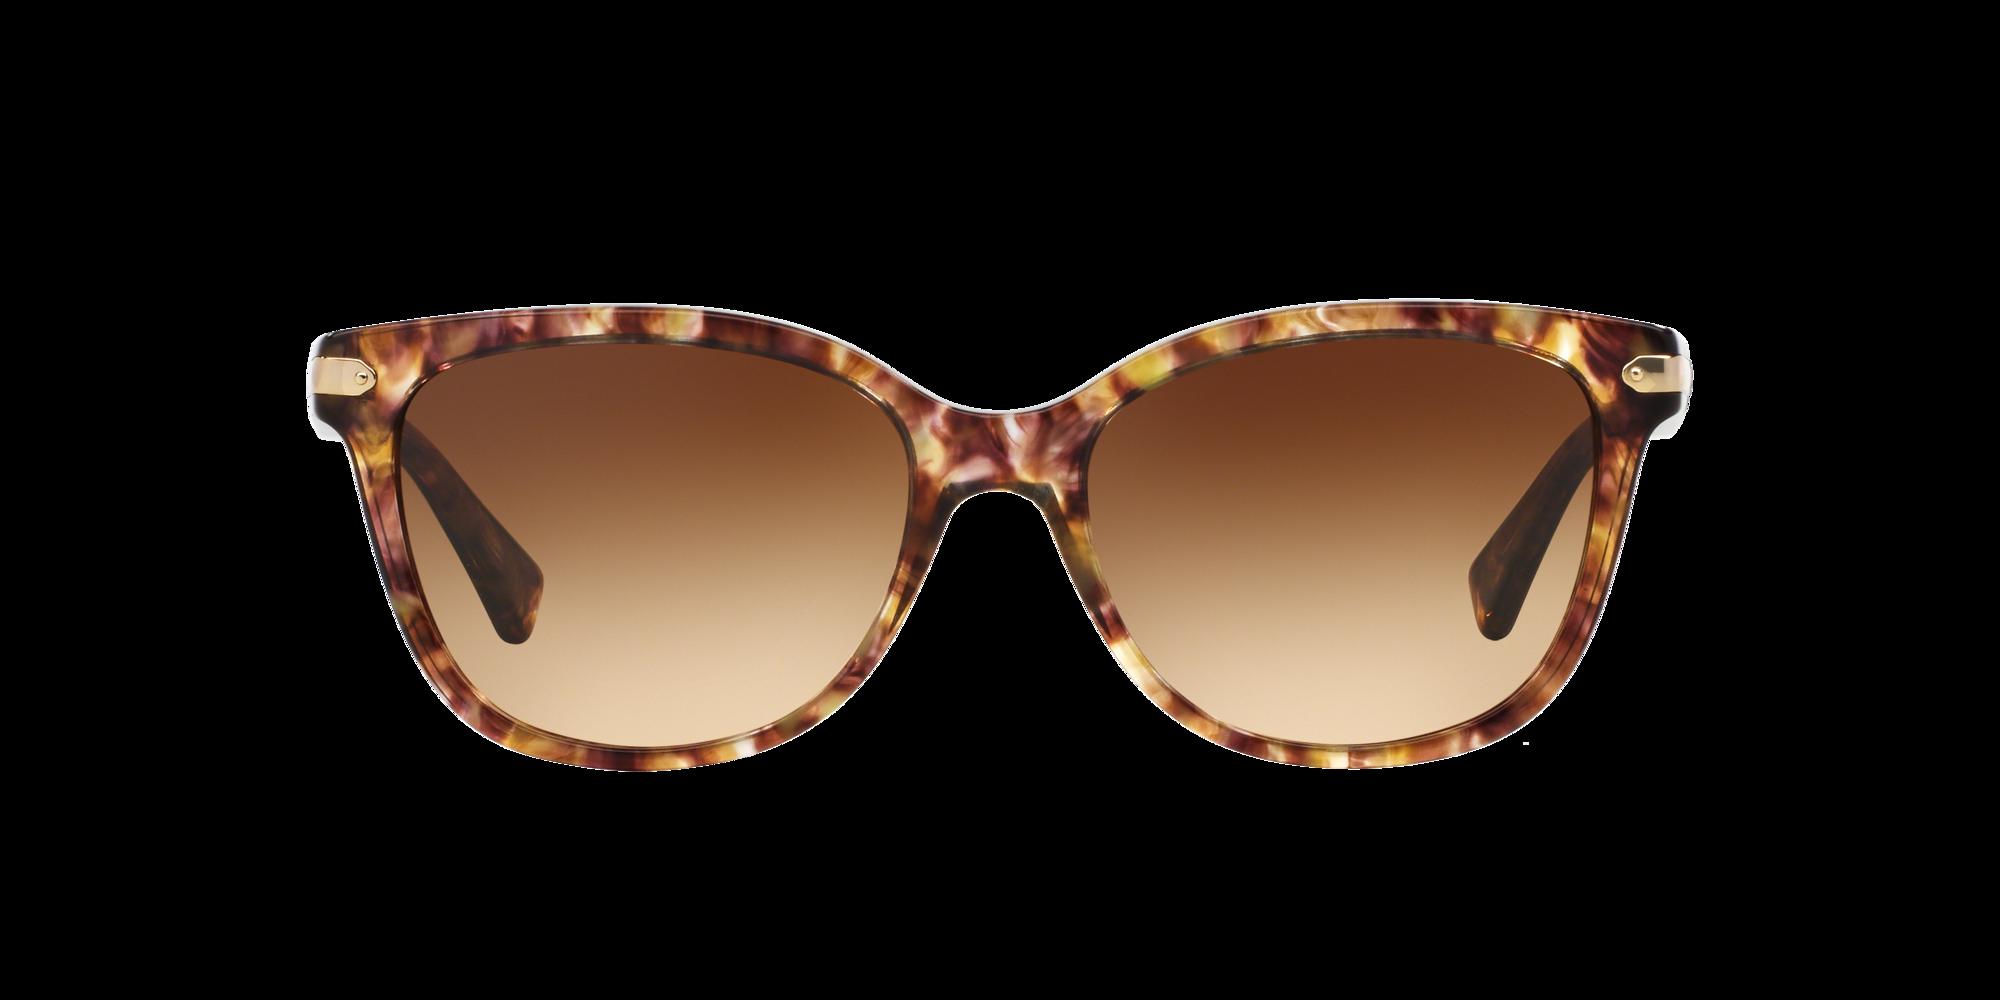 Imagen para HC8132 57 L109 de LensCrafters    Espejuelos, espejuelos graduados en línea, gafas